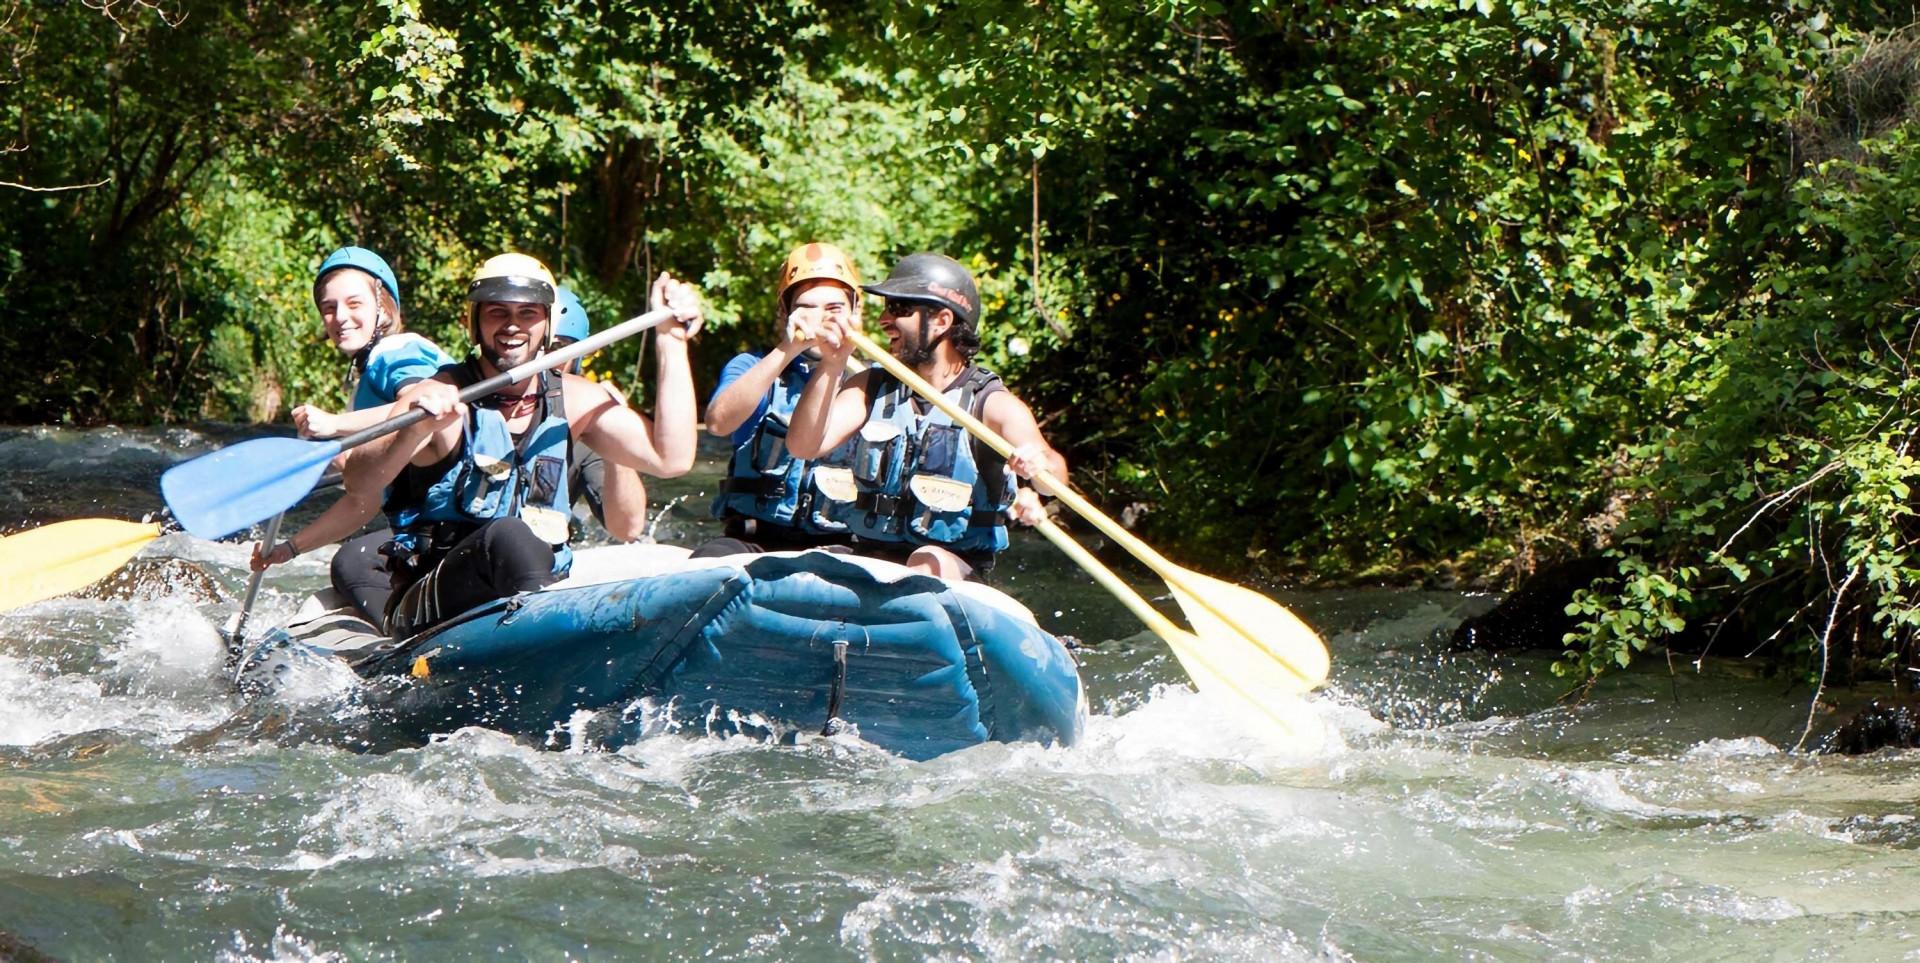 Rafting Fun sul fiume Corno in Umbria